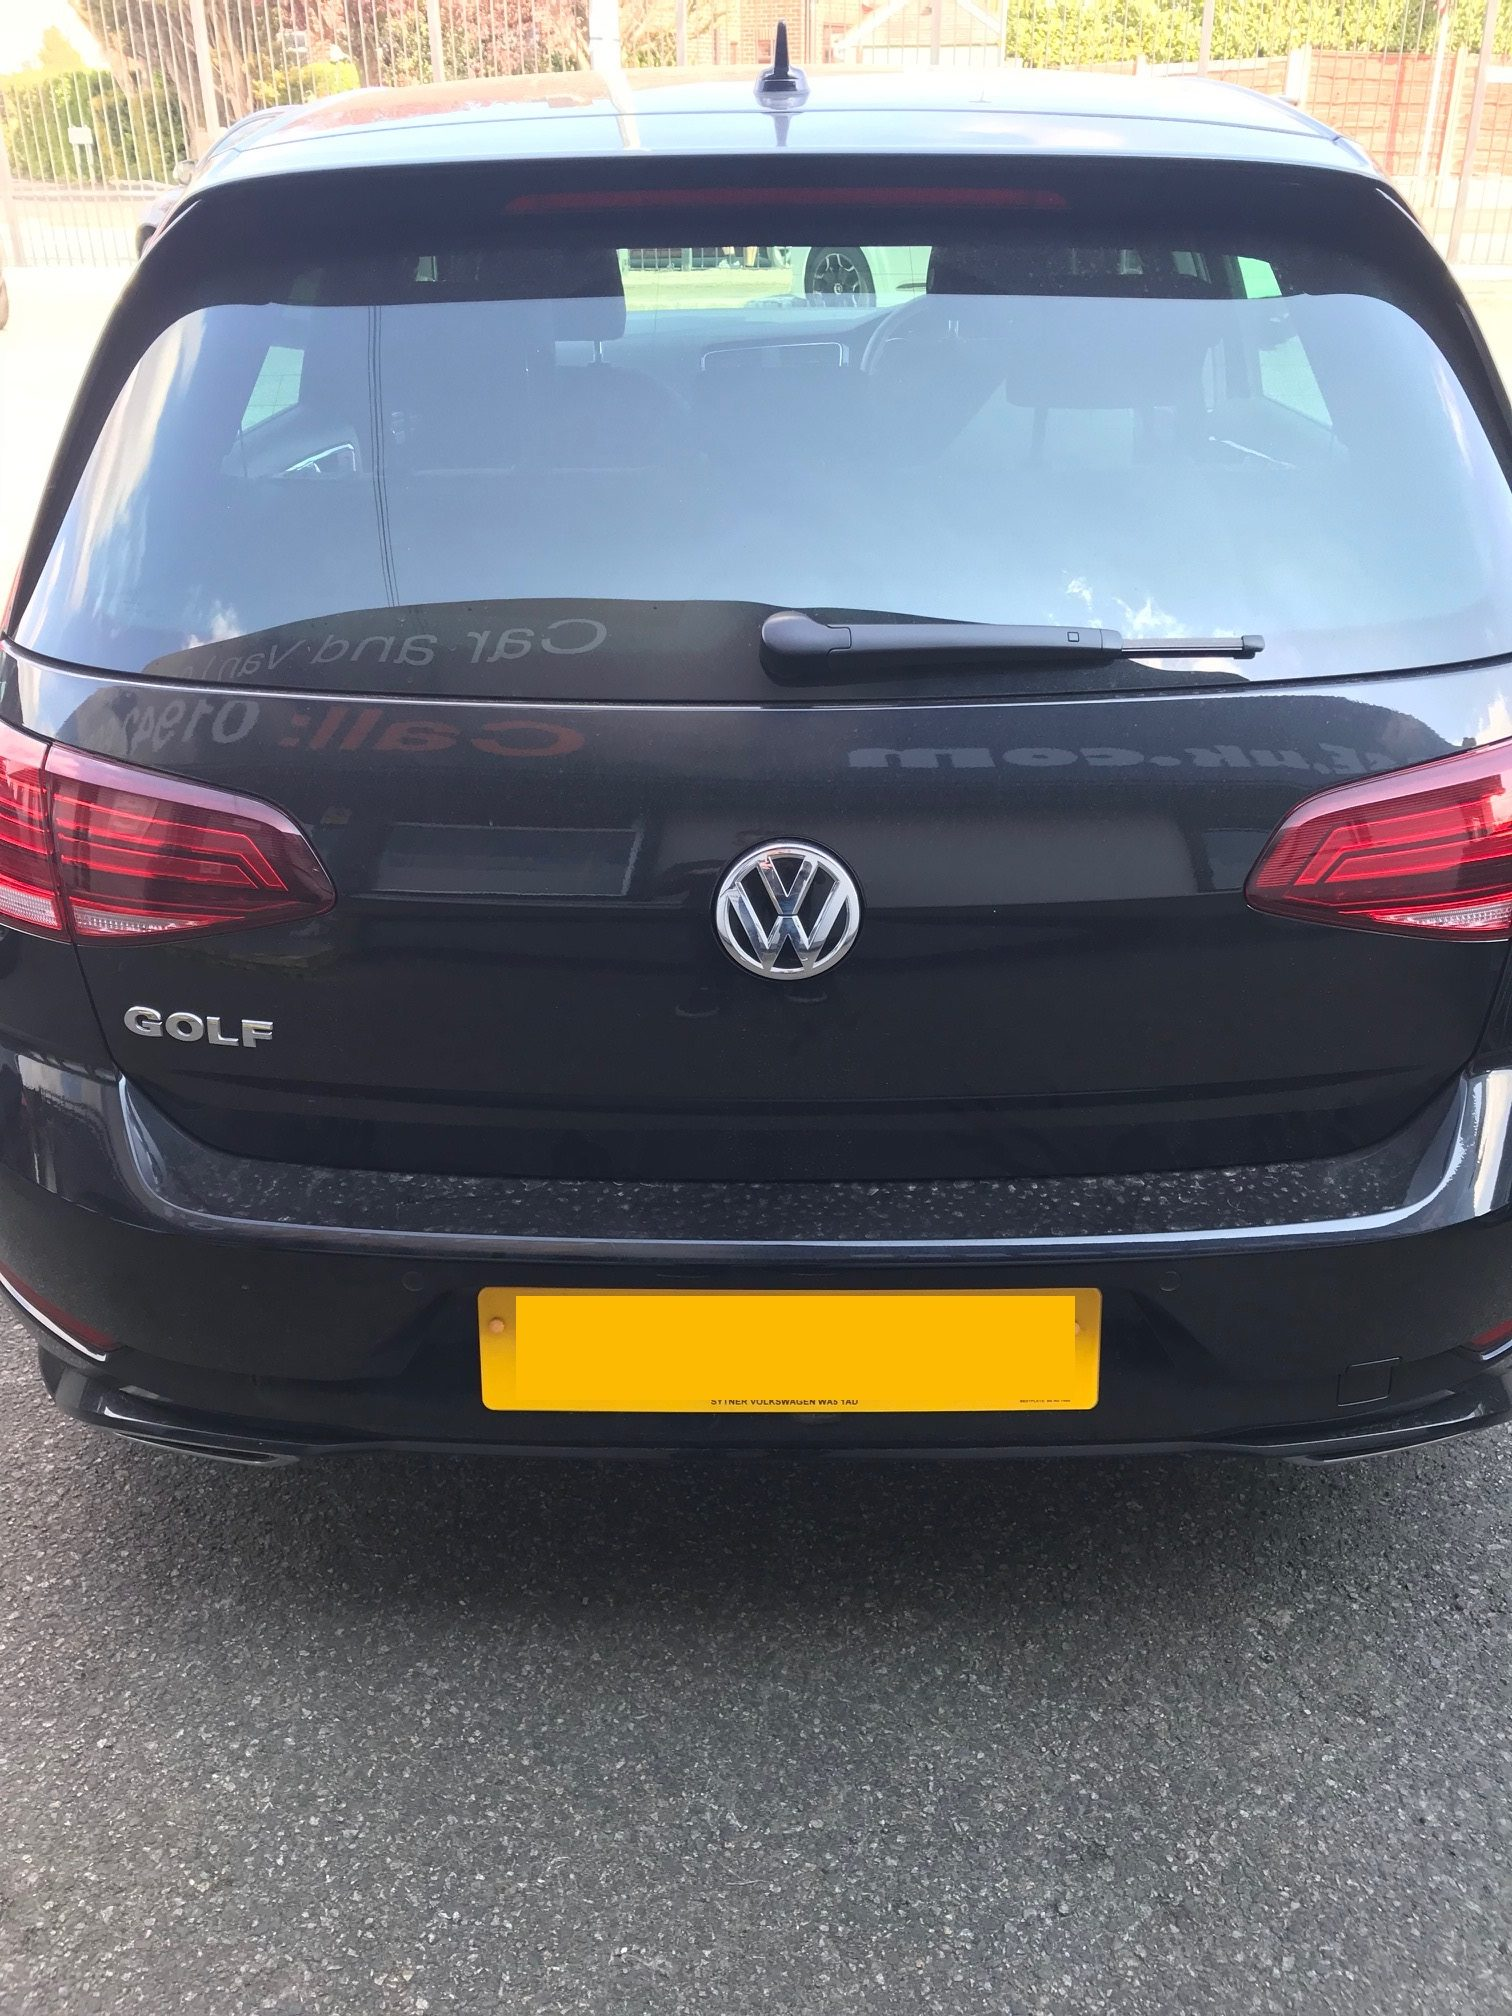 Volkswagen GOLF DIESEL HATCHBACK 2.0 TDI R-Line 5dr DSG Car Leasing Select Options